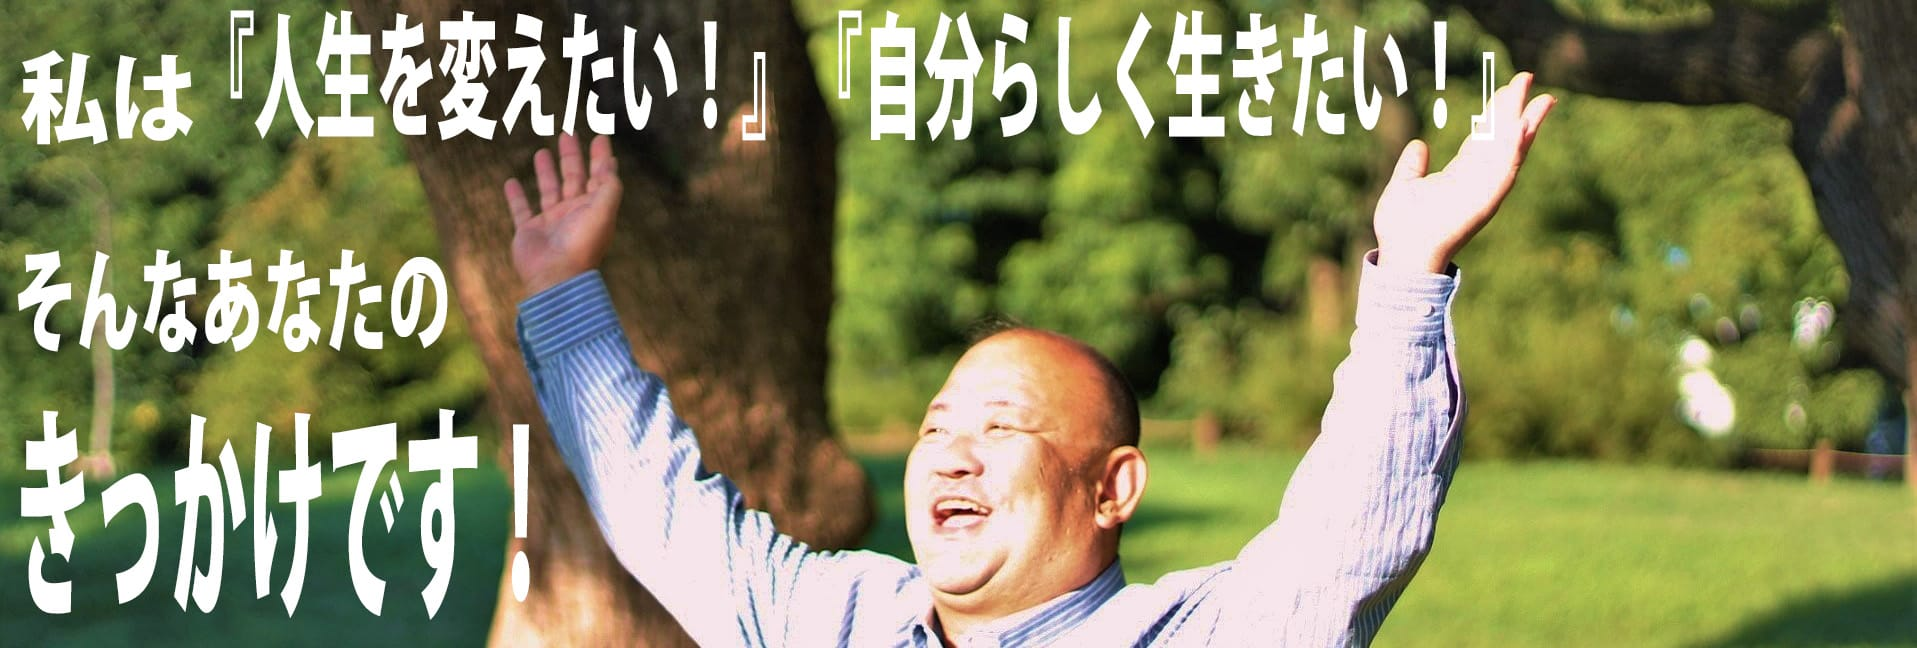 霊性開花|スピリチュアルカウンセリング|スピリチュアルヒーリング  【ブライトライトヒーリングカンパニー】東京都葛飾区|アメーバブログ癒しカテゴリー1位取得!